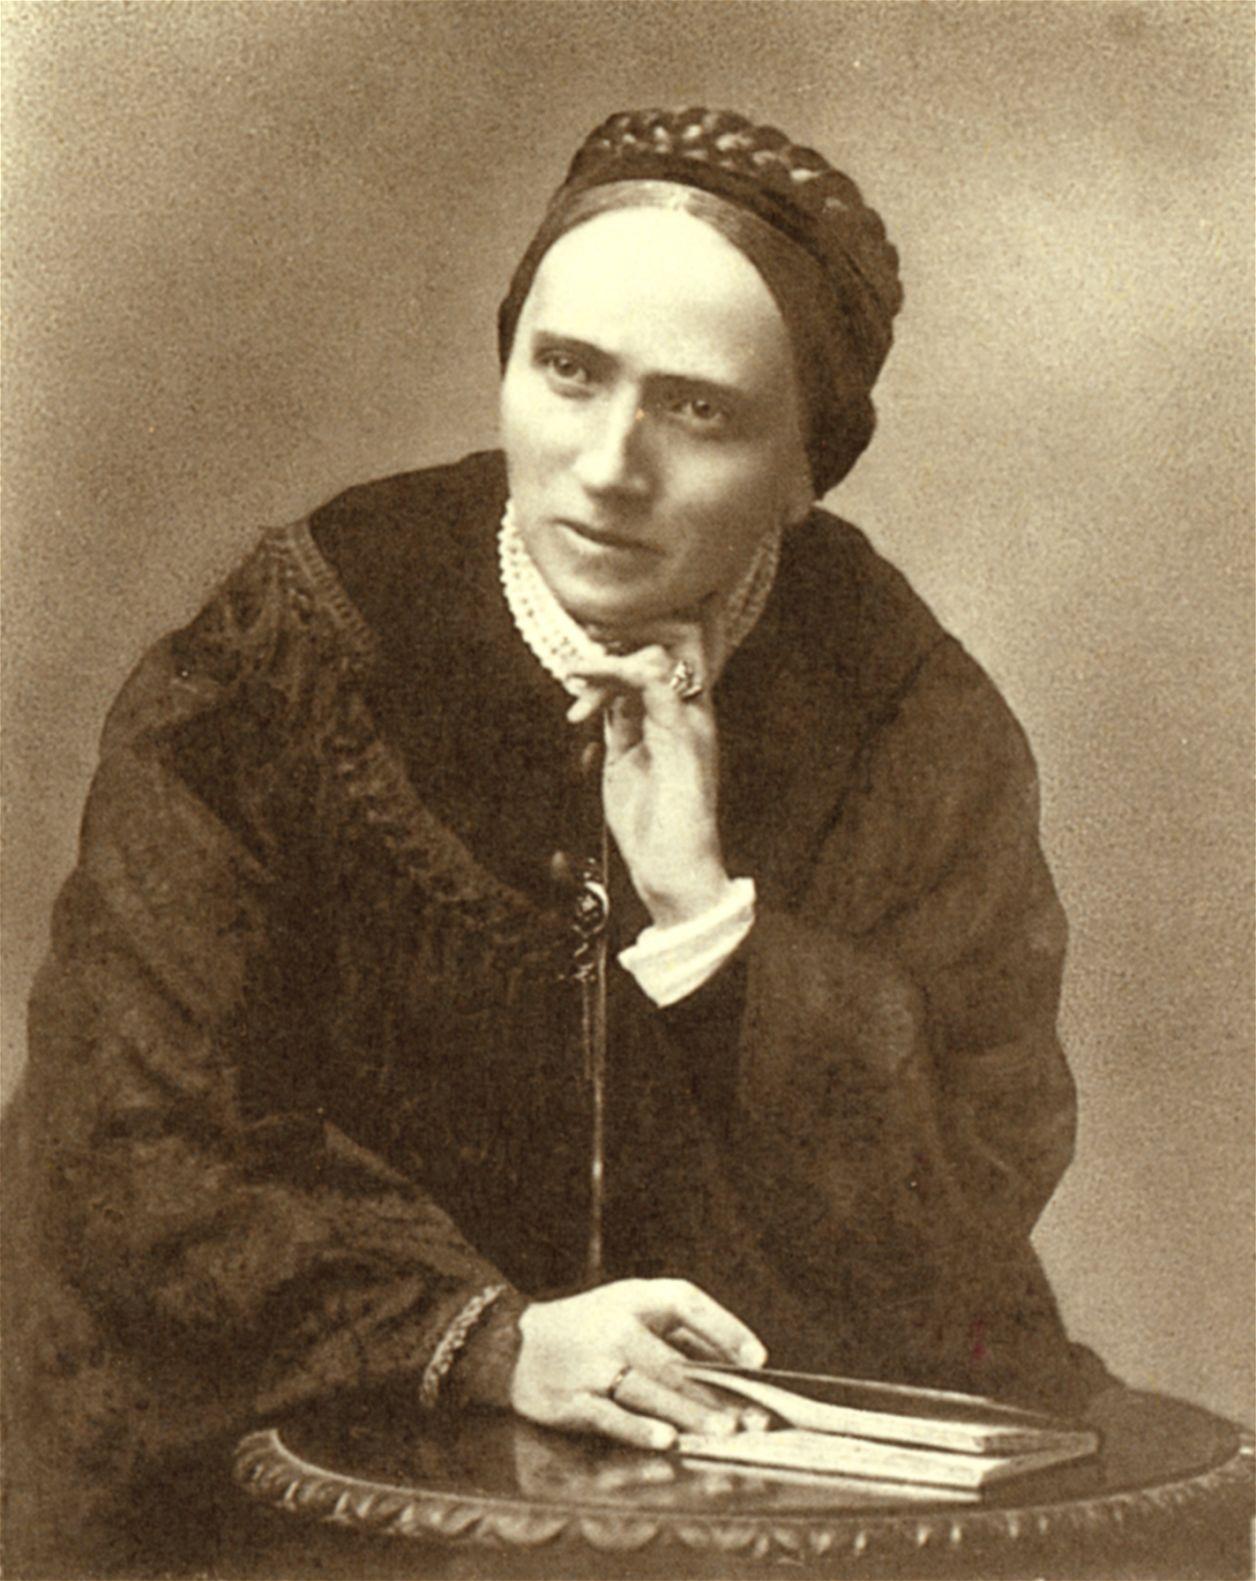 Luise Büchner c. 1870